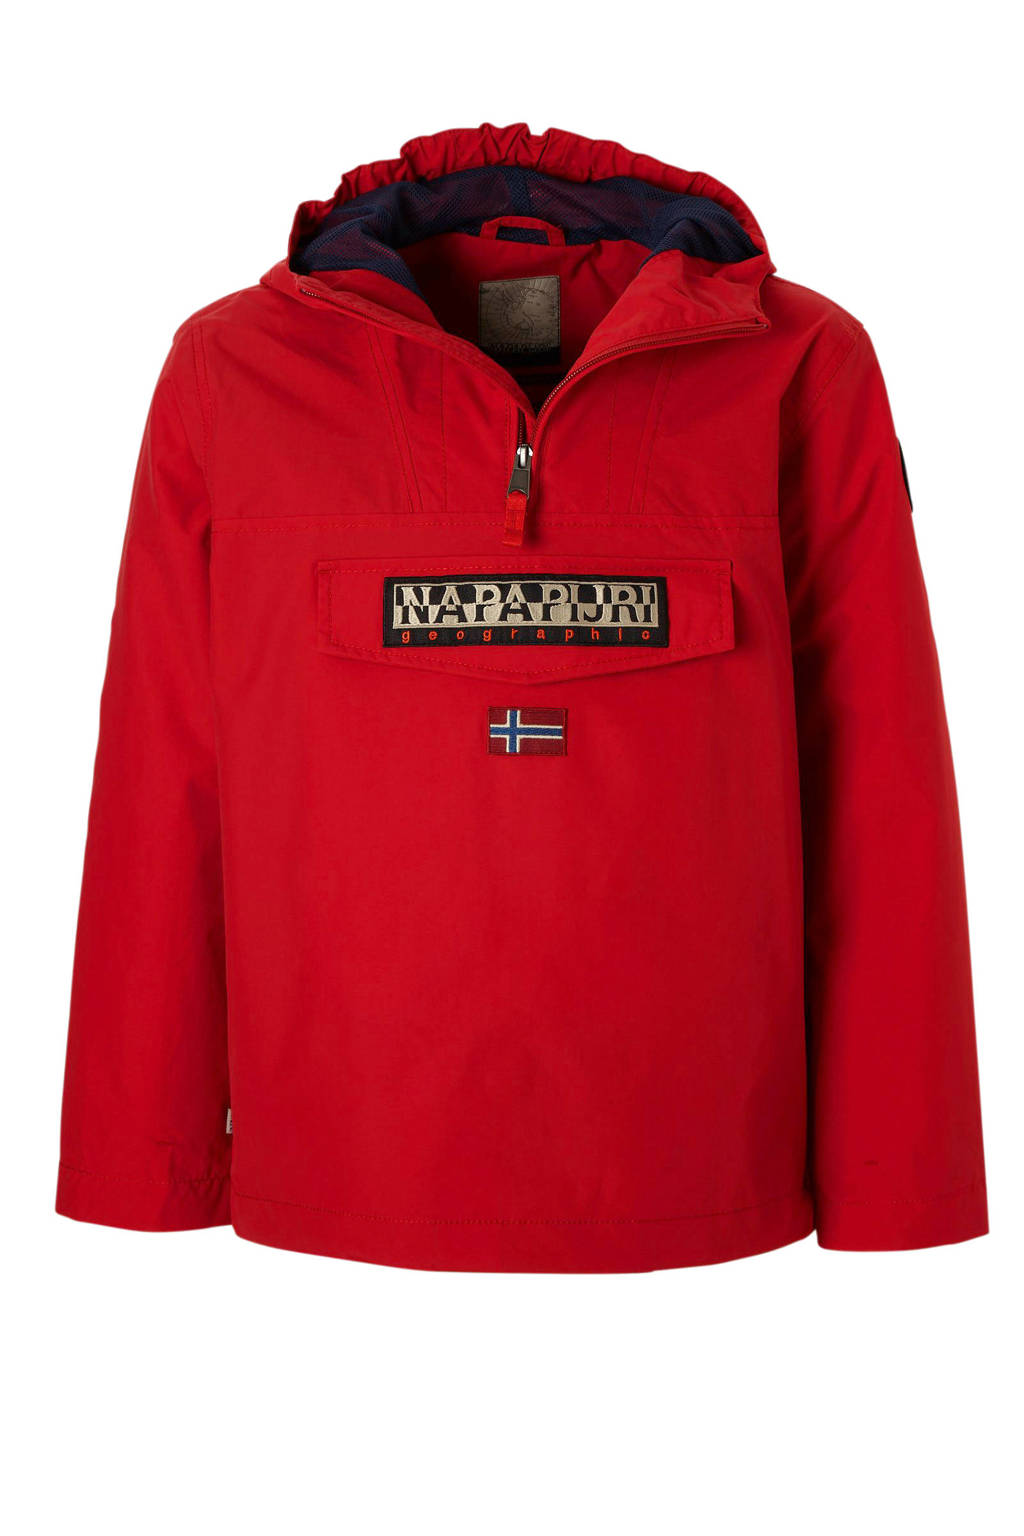 Napapijri zomerjas rood, Rood